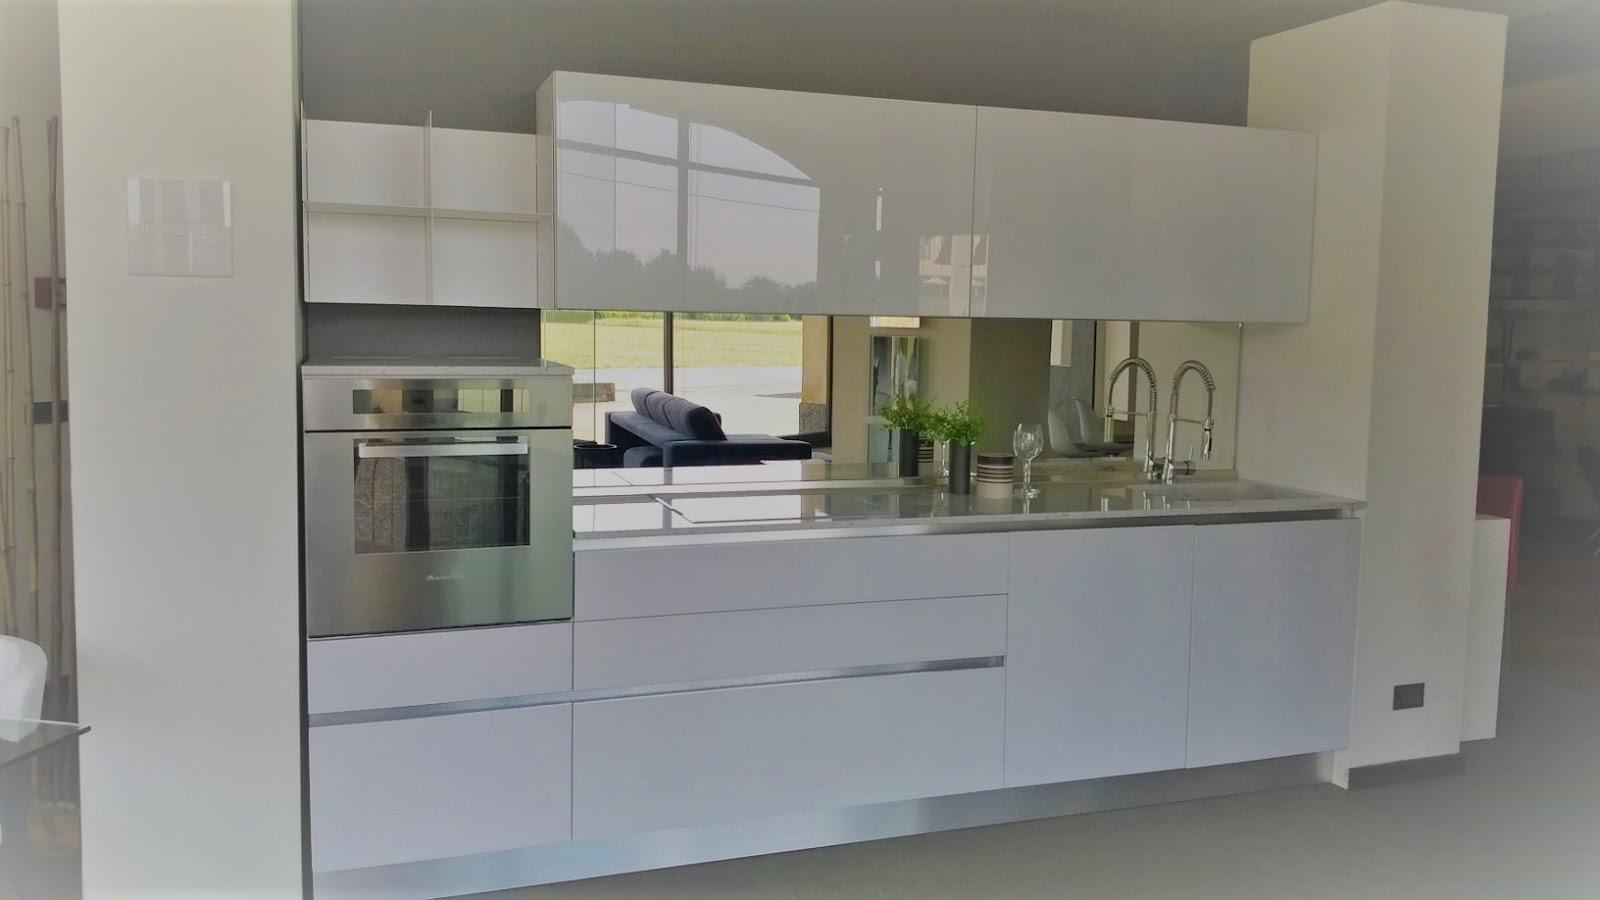 Cucina Fabiana Lube | Immagini Cucine Moderne Cucina Moderna Lube ...